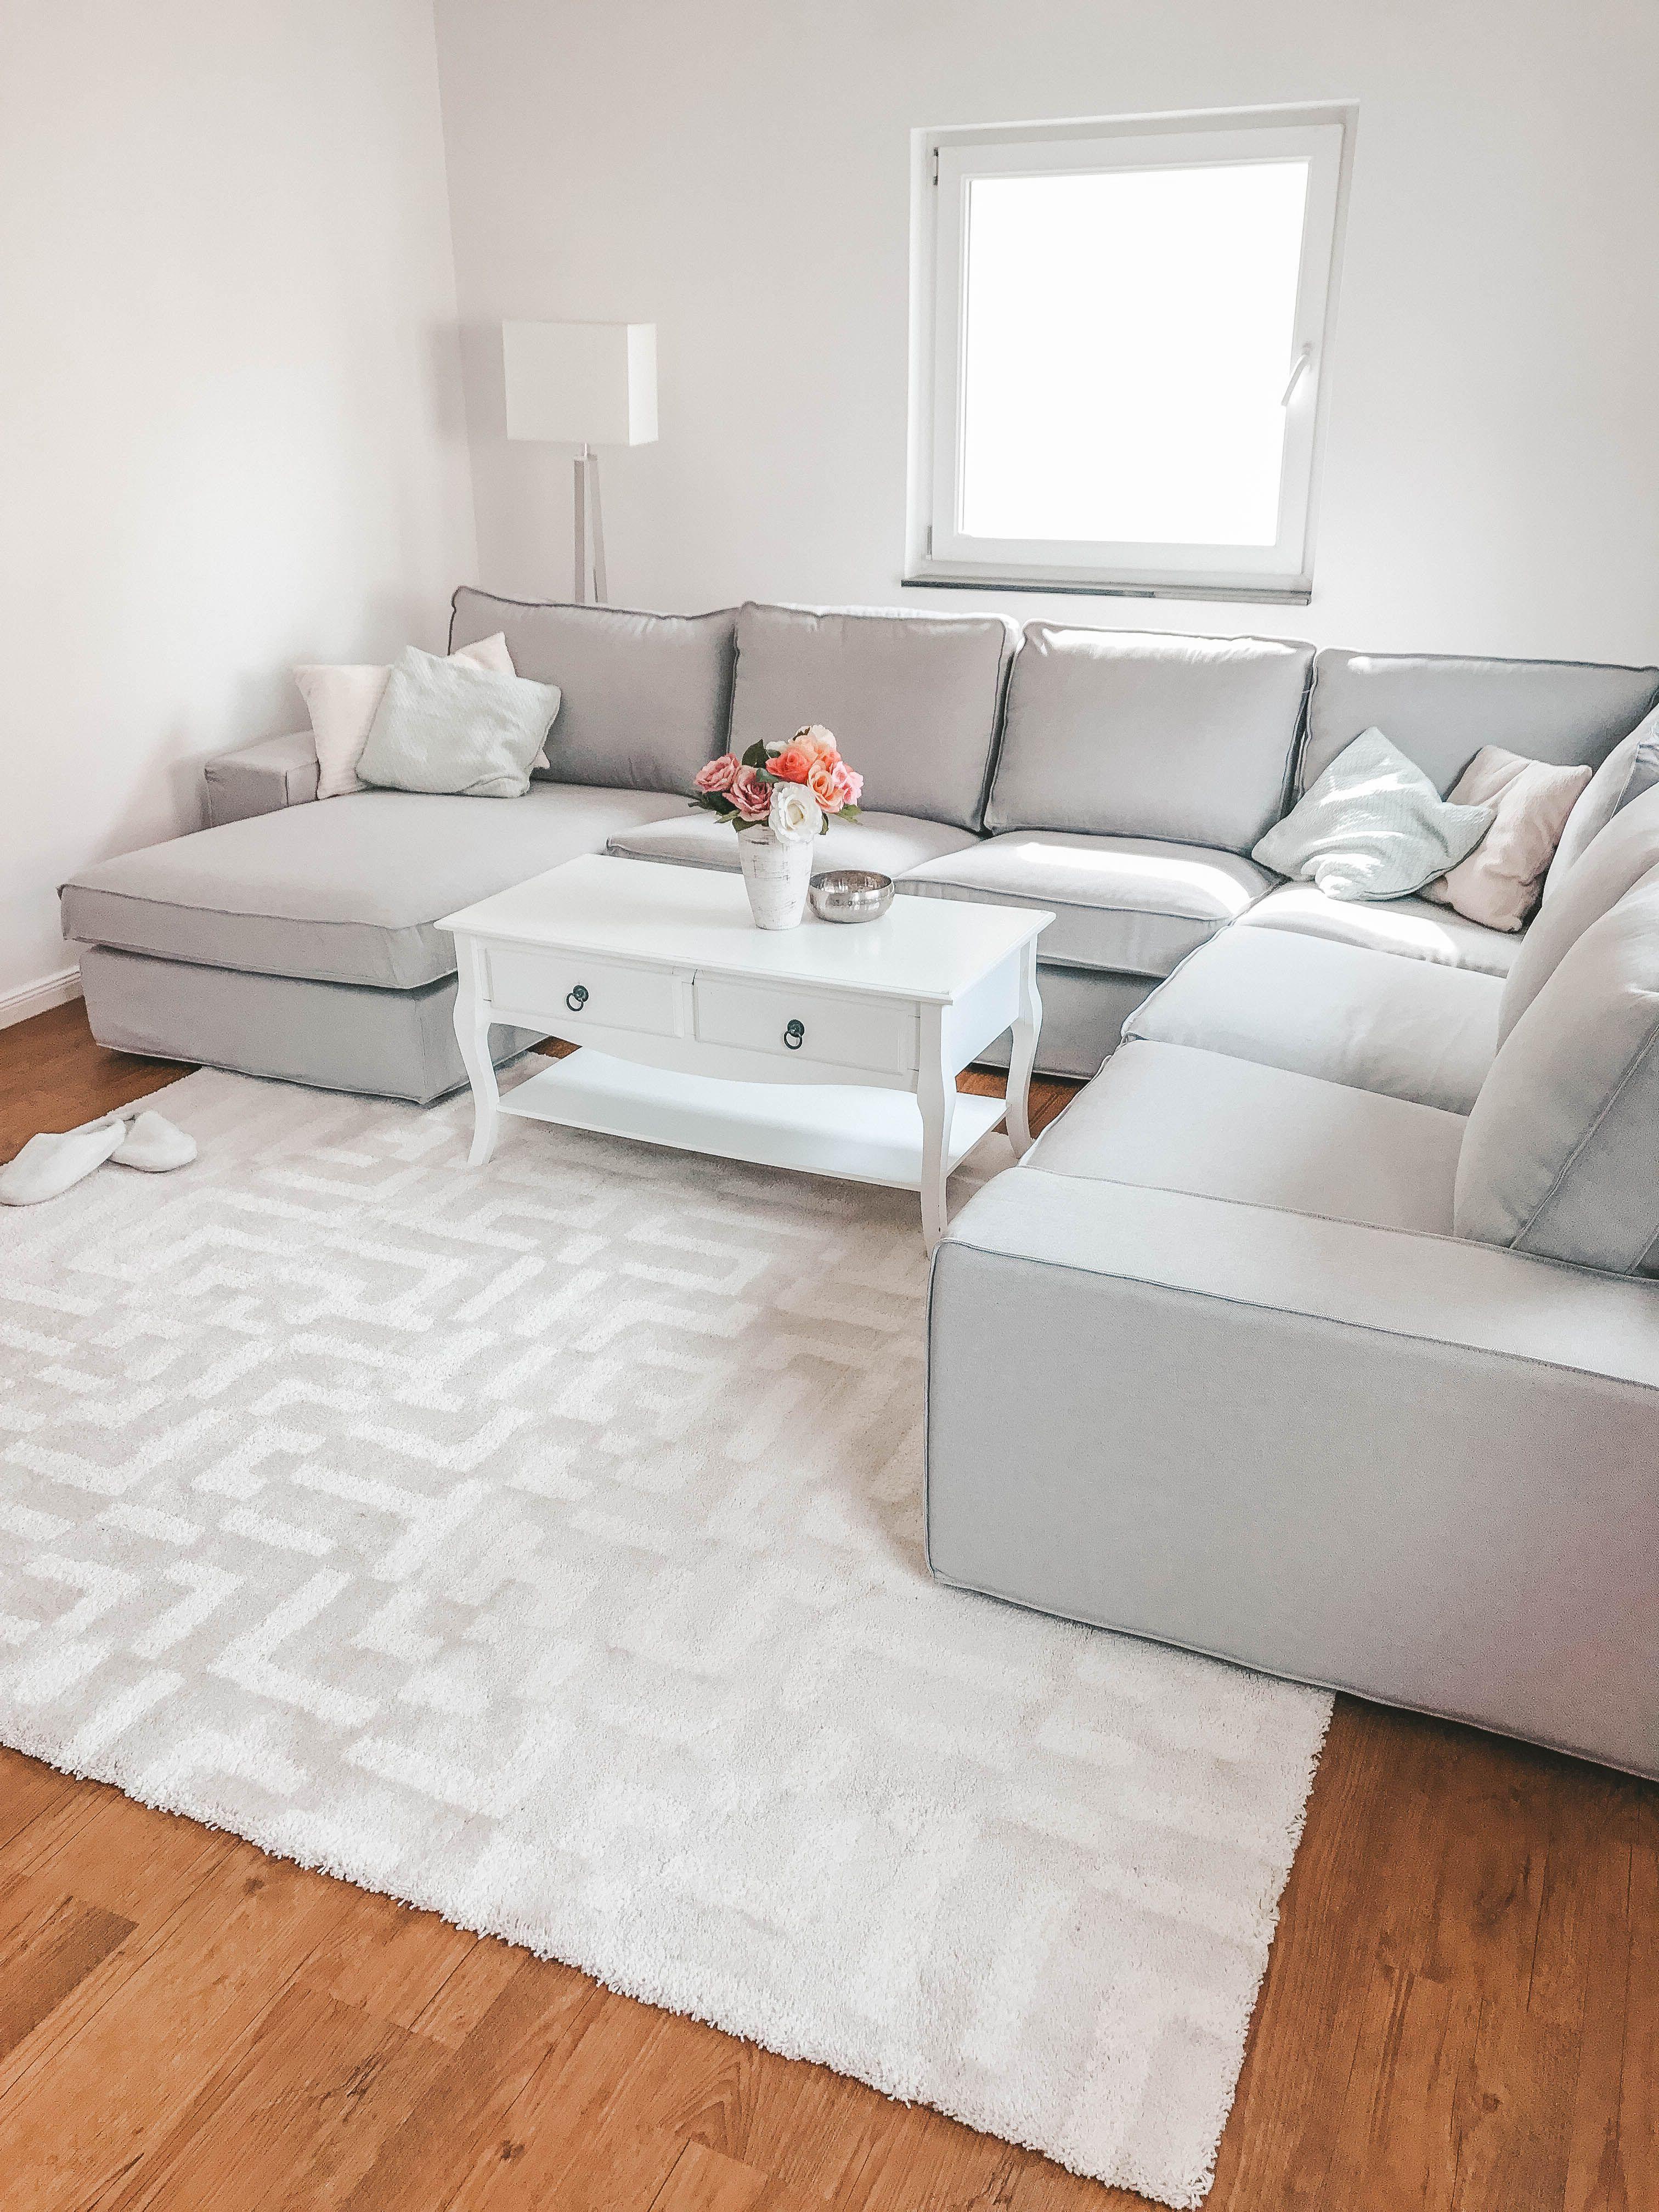 Ikea Wohnzimmer Couch Ikea Wohnzimmer Couch Kivik Grau Home